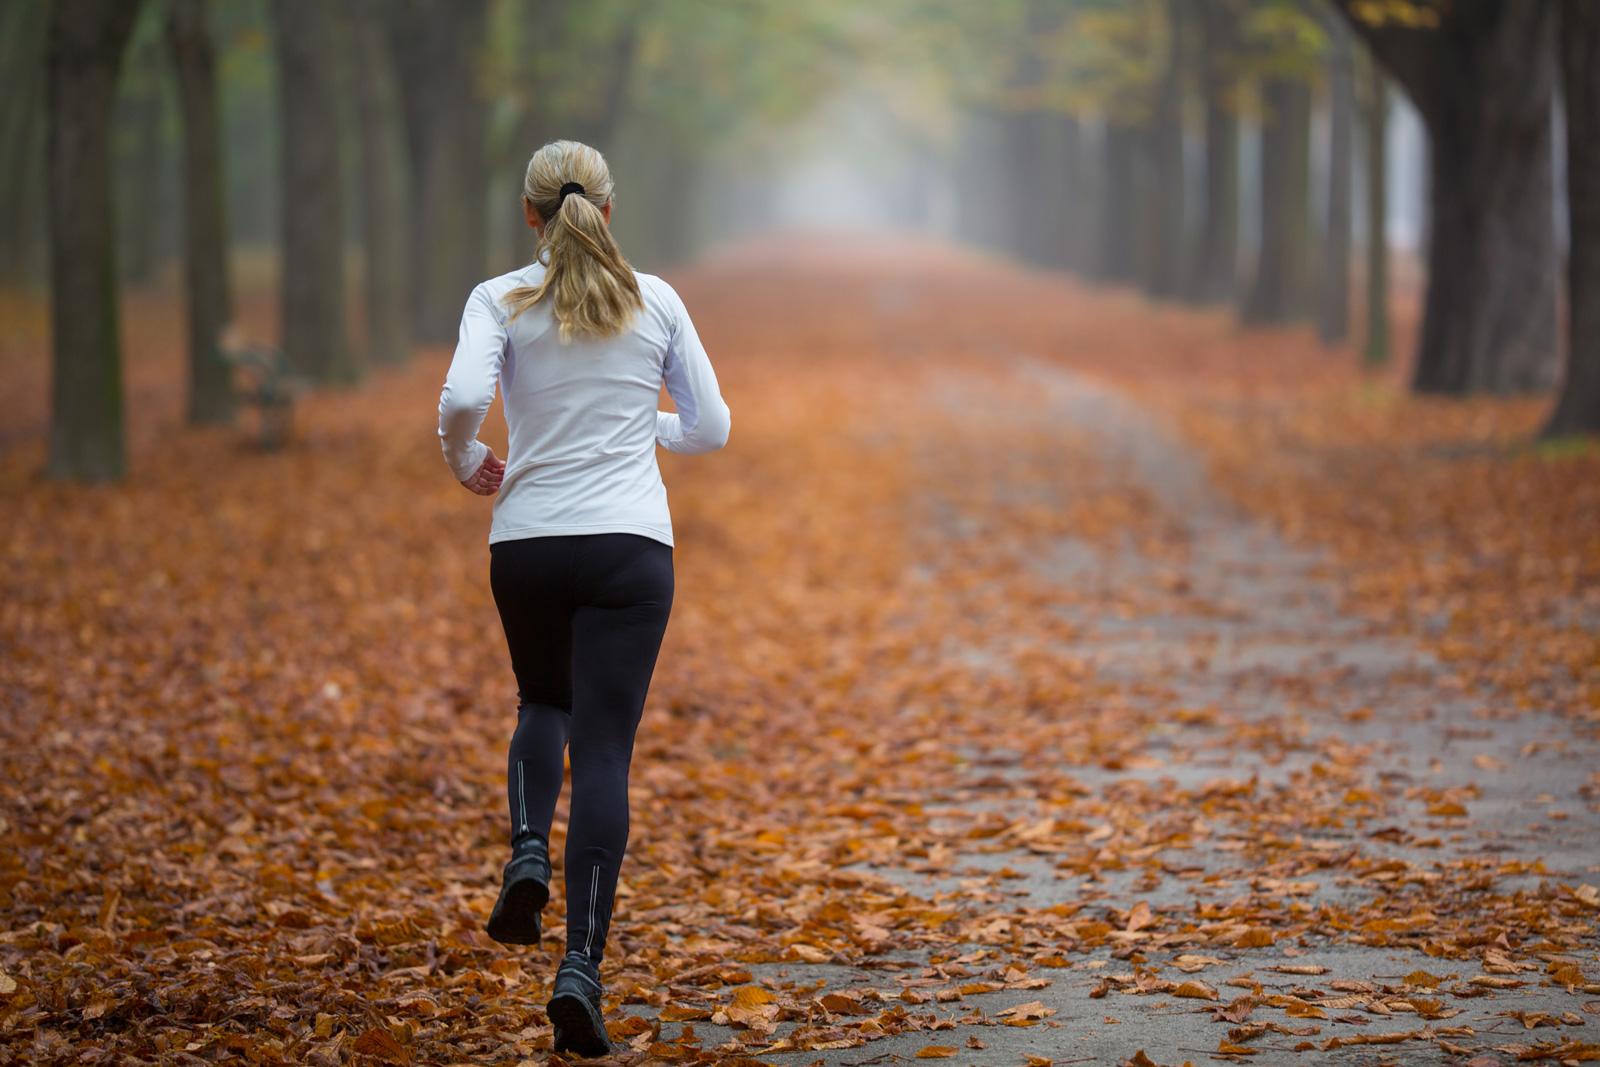 Bewegung schützt vor Krankheiten.